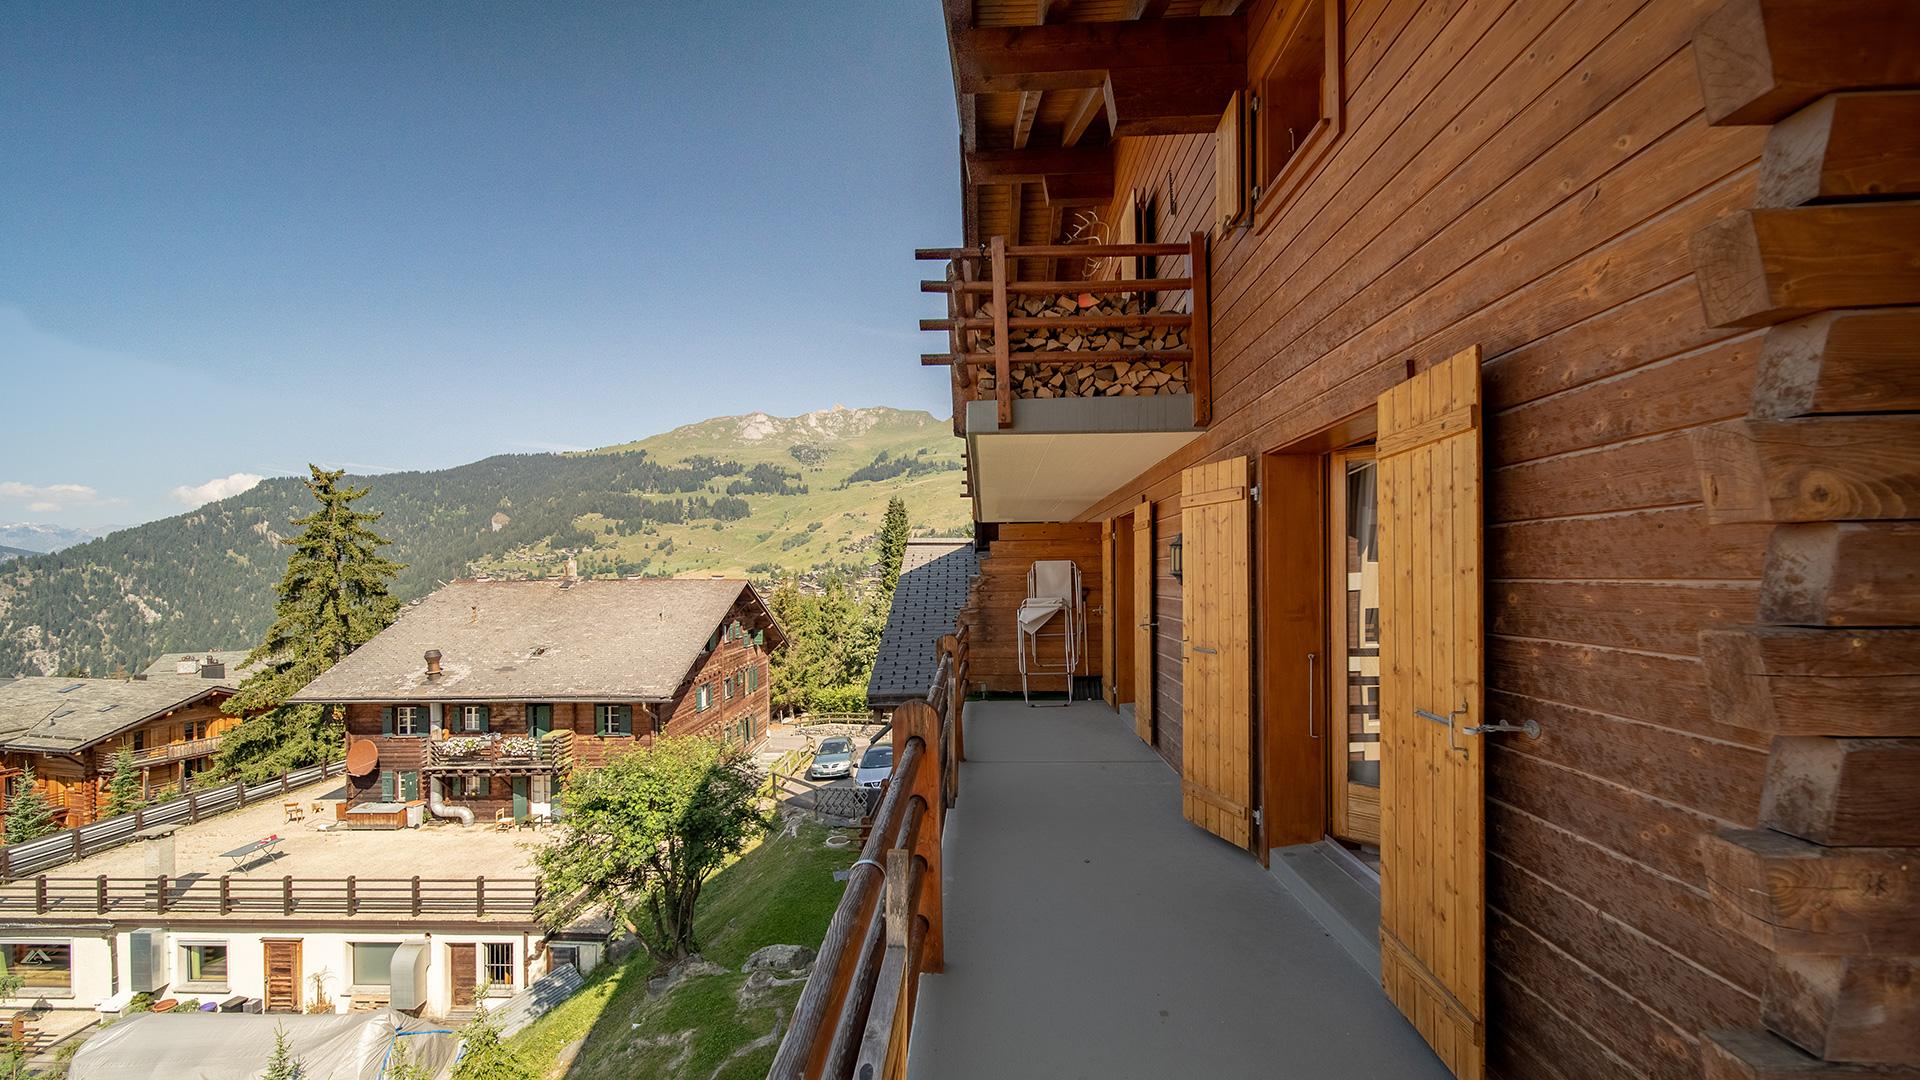 Drus 223 Apartments, Switzerland